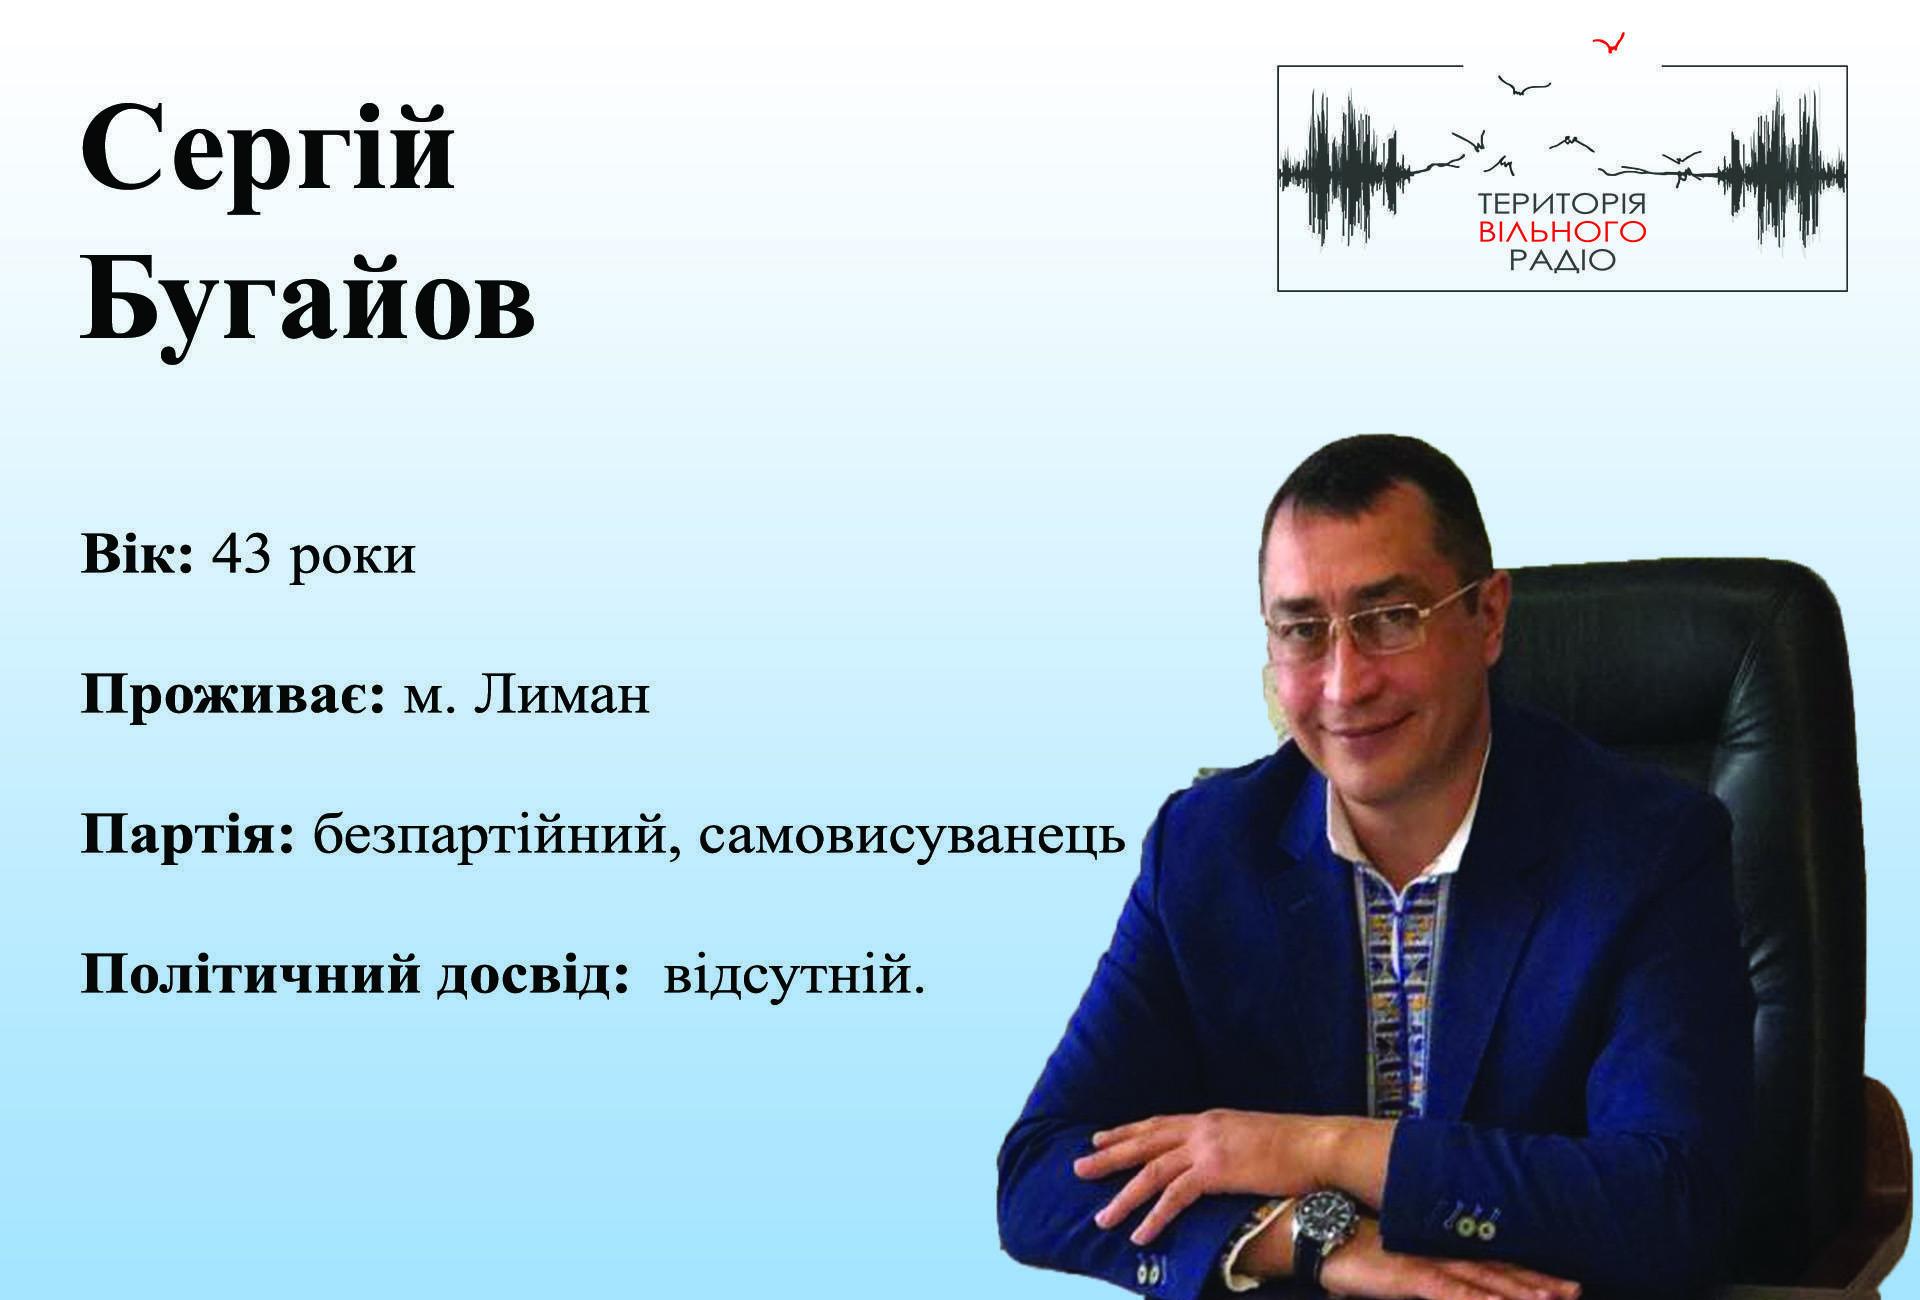 Сергій Бугайов 46 виборчий округ